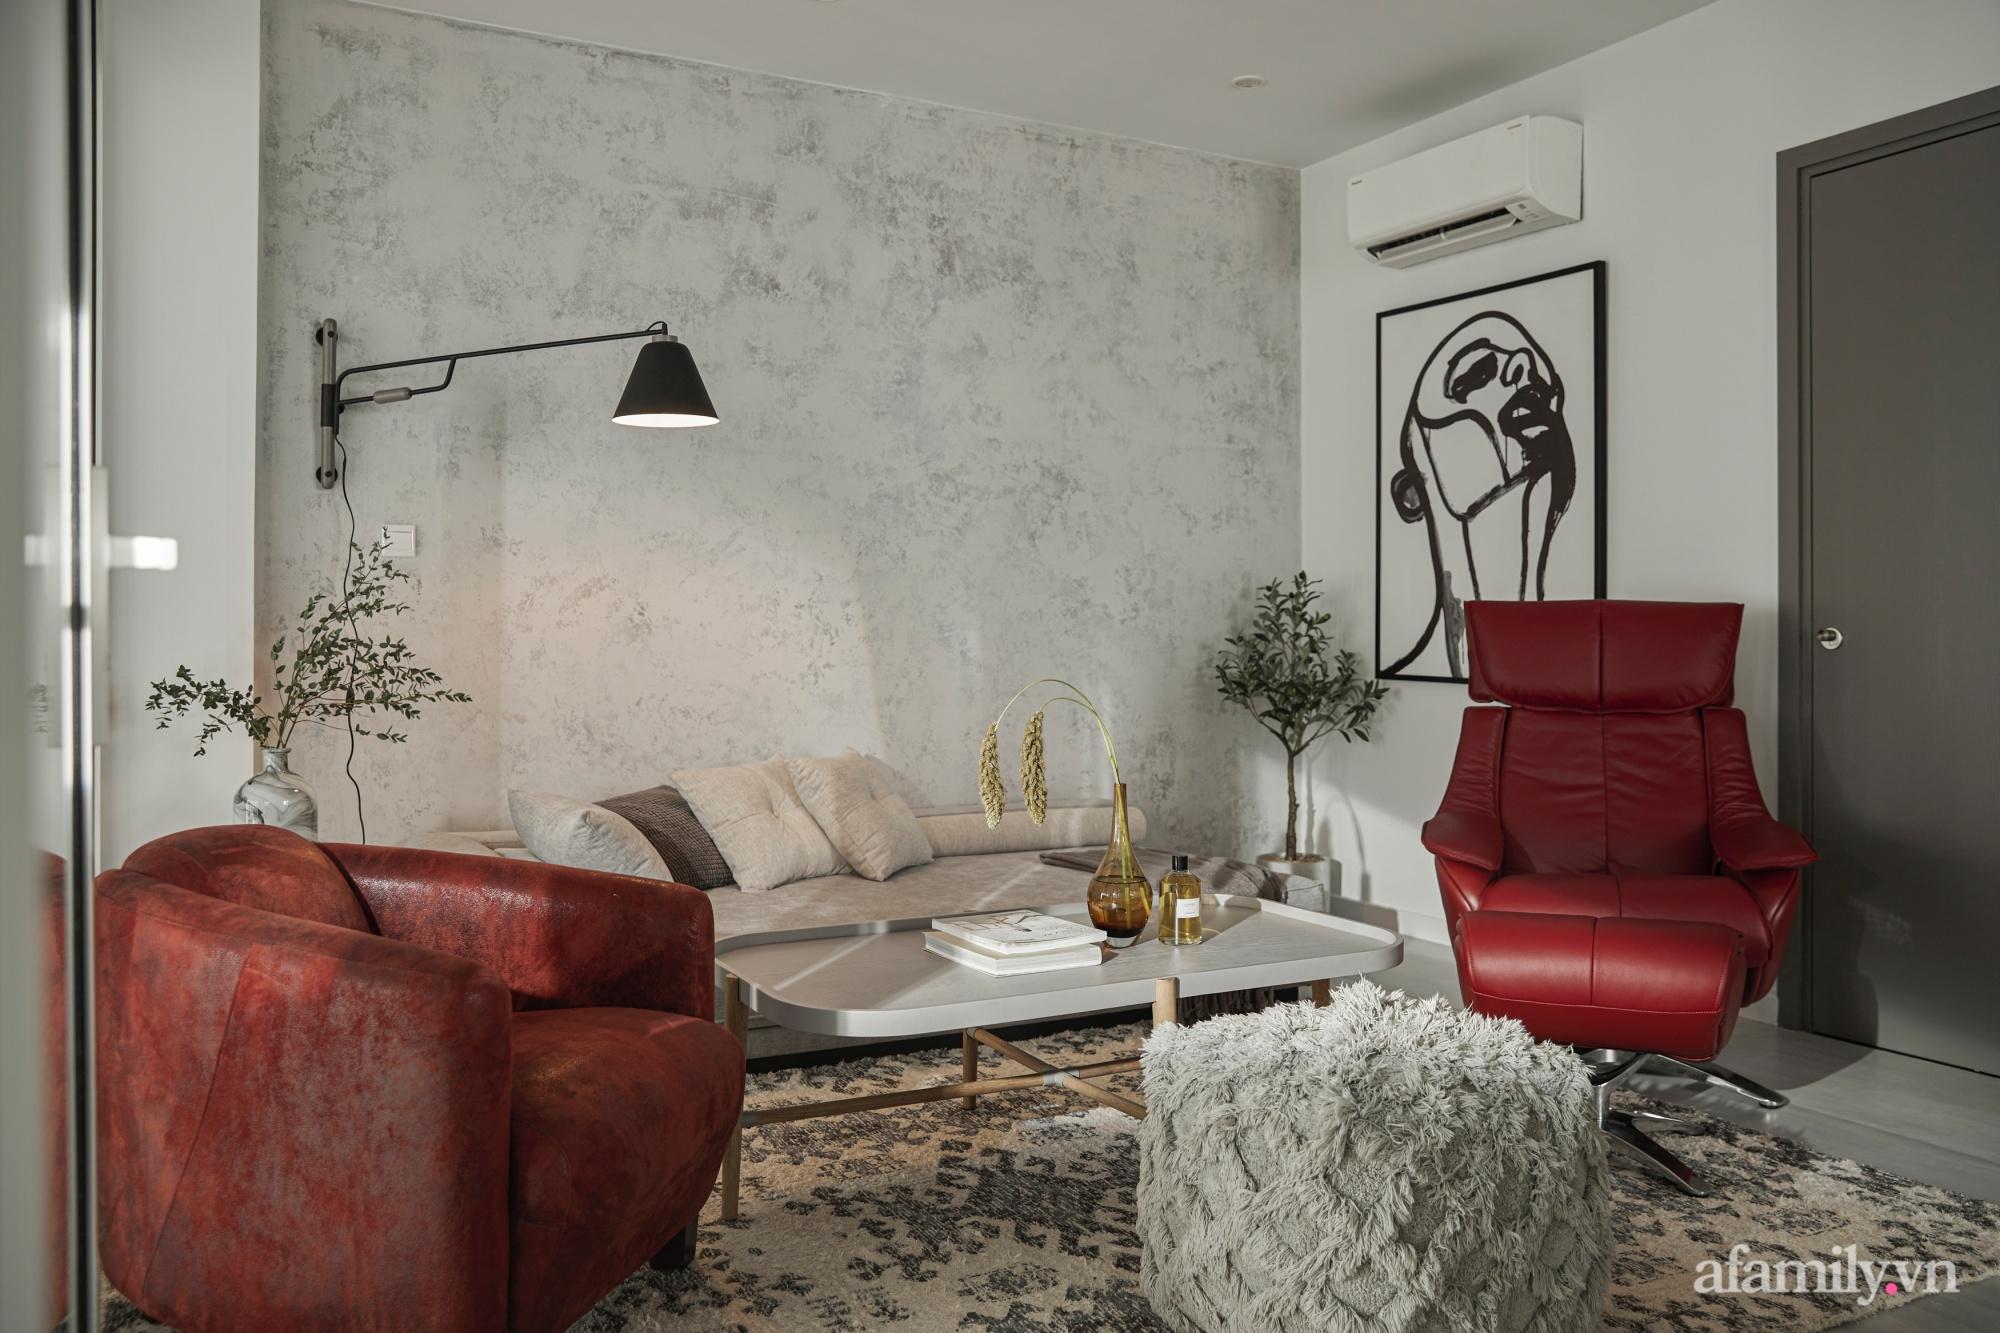 Căn hộ 2 tầng rộng 145m² đẹp sang trọng với điểm nhấn mộc mạc từ chất liệu bê tông ở Sài Gòn - Ảnh 16.